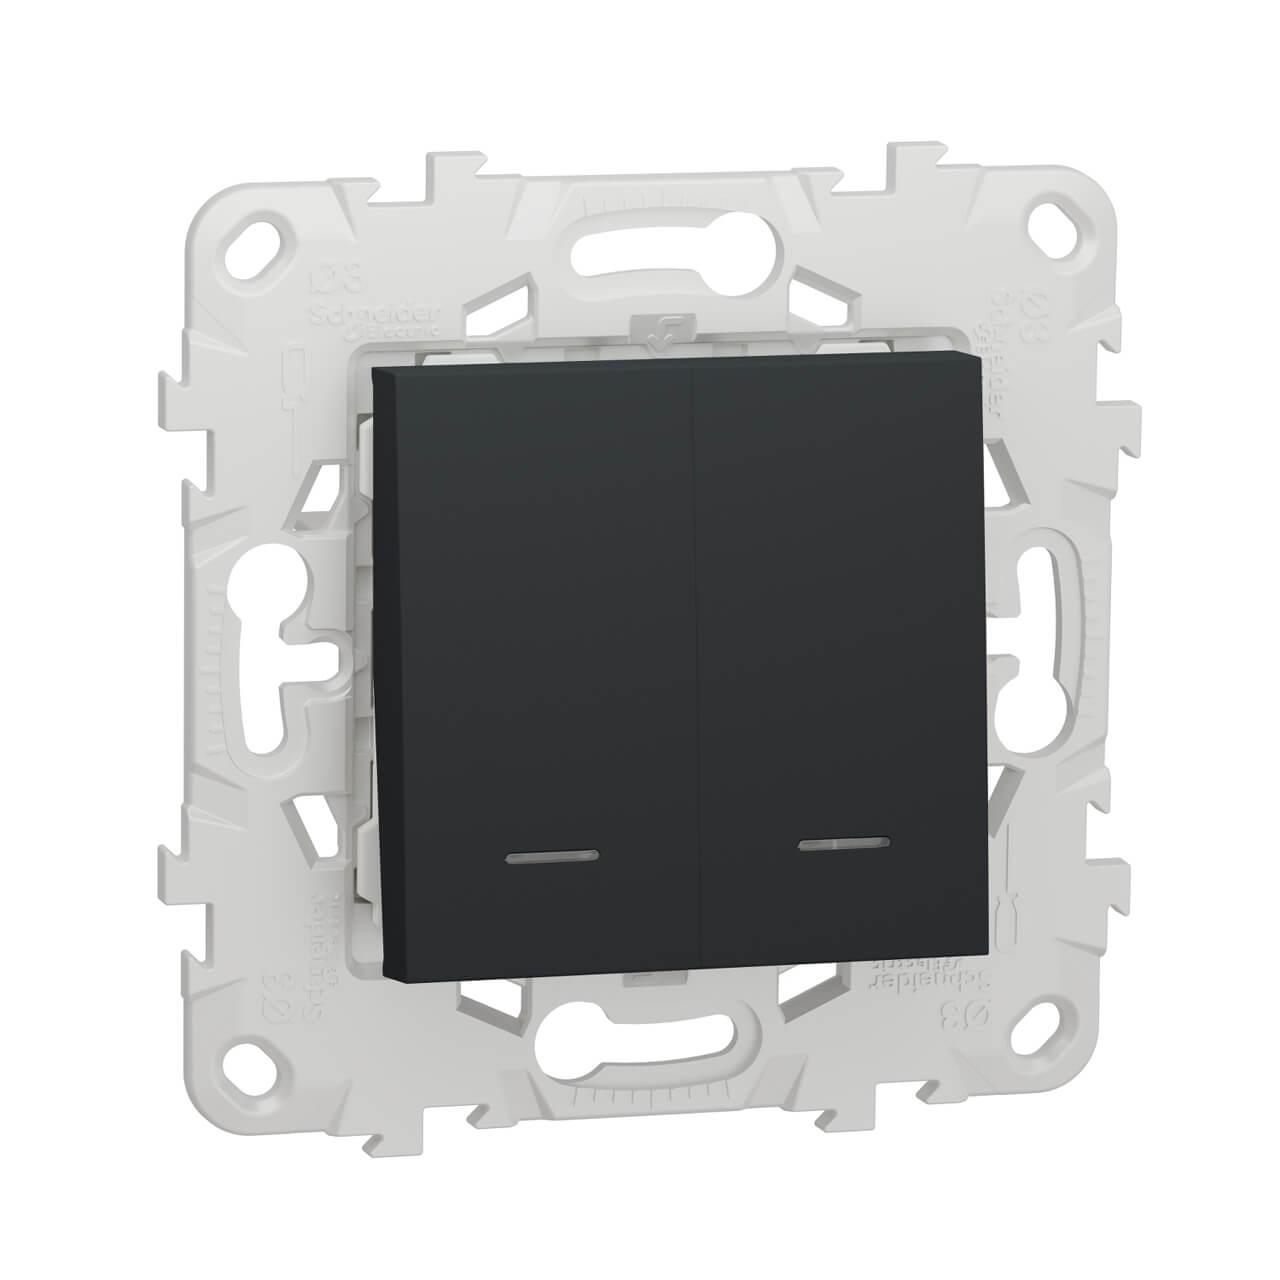 Выключатель Schneider Electric NU521154N Unica New фото